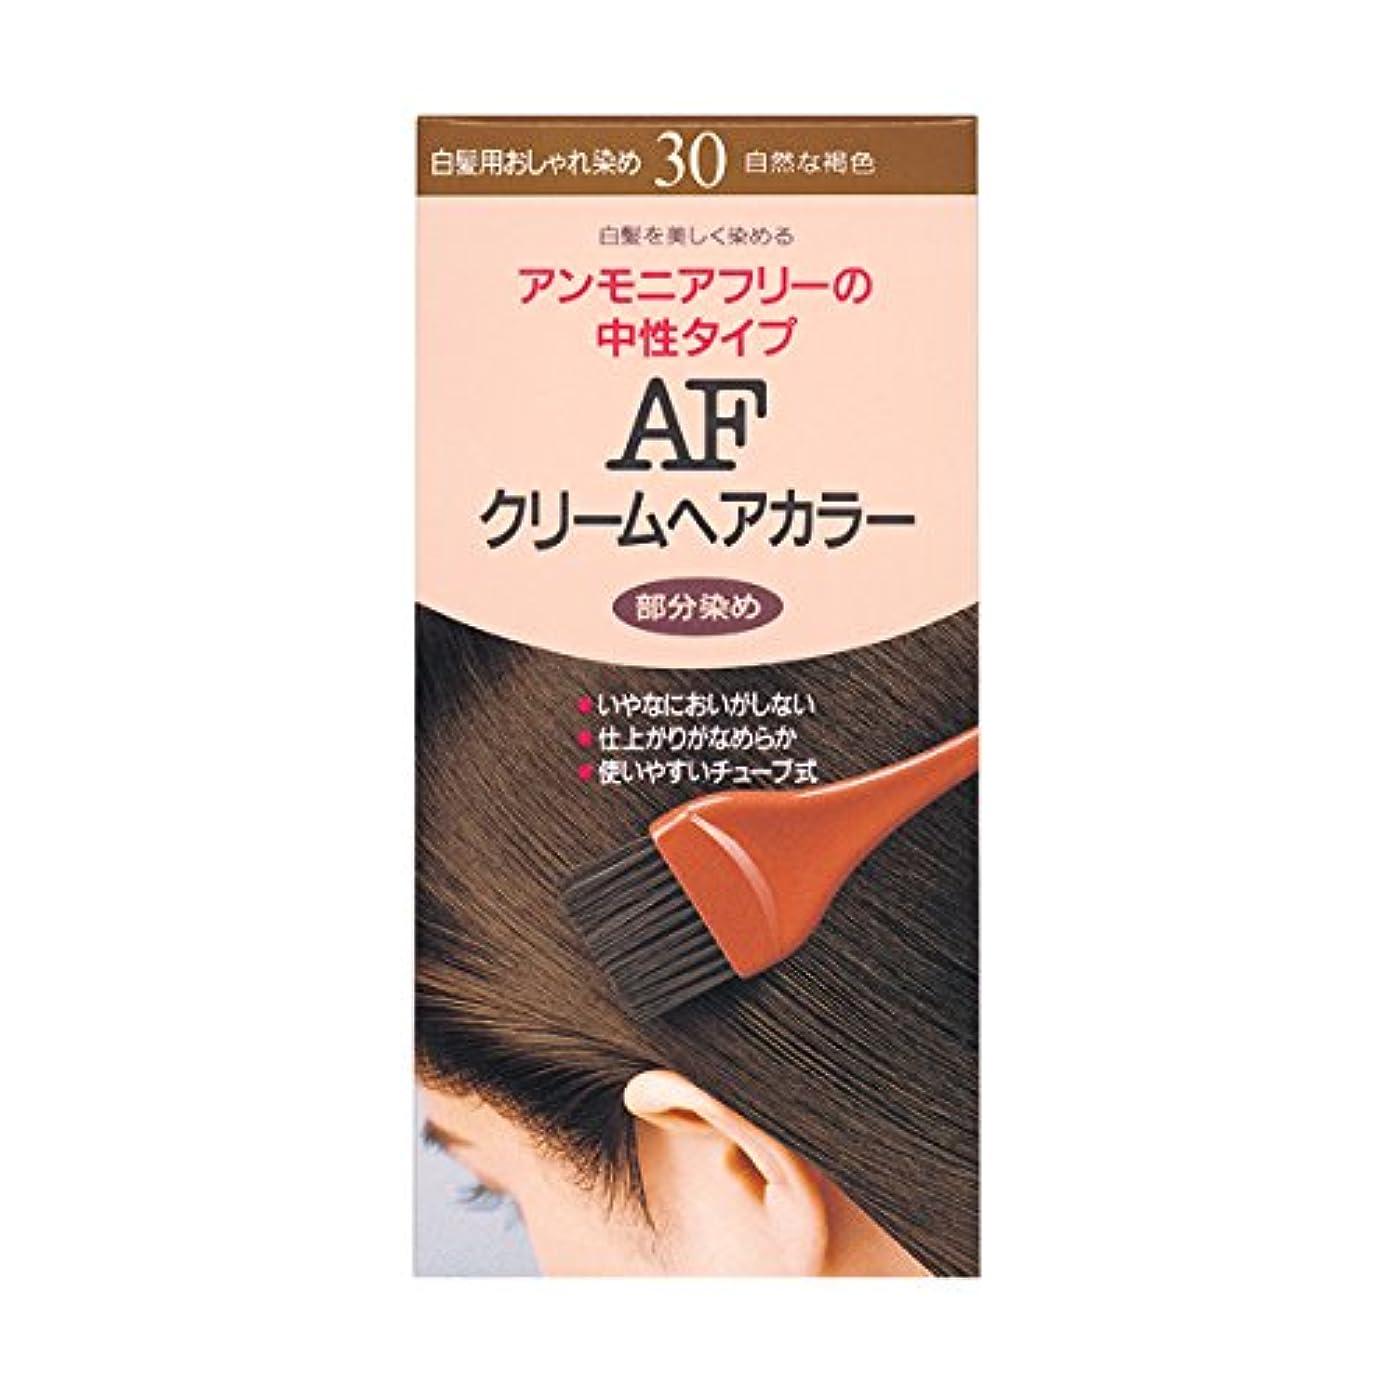 データベース促すひらめきヘアカラー AFクリームヘアカラー 30 【医薬部外品】